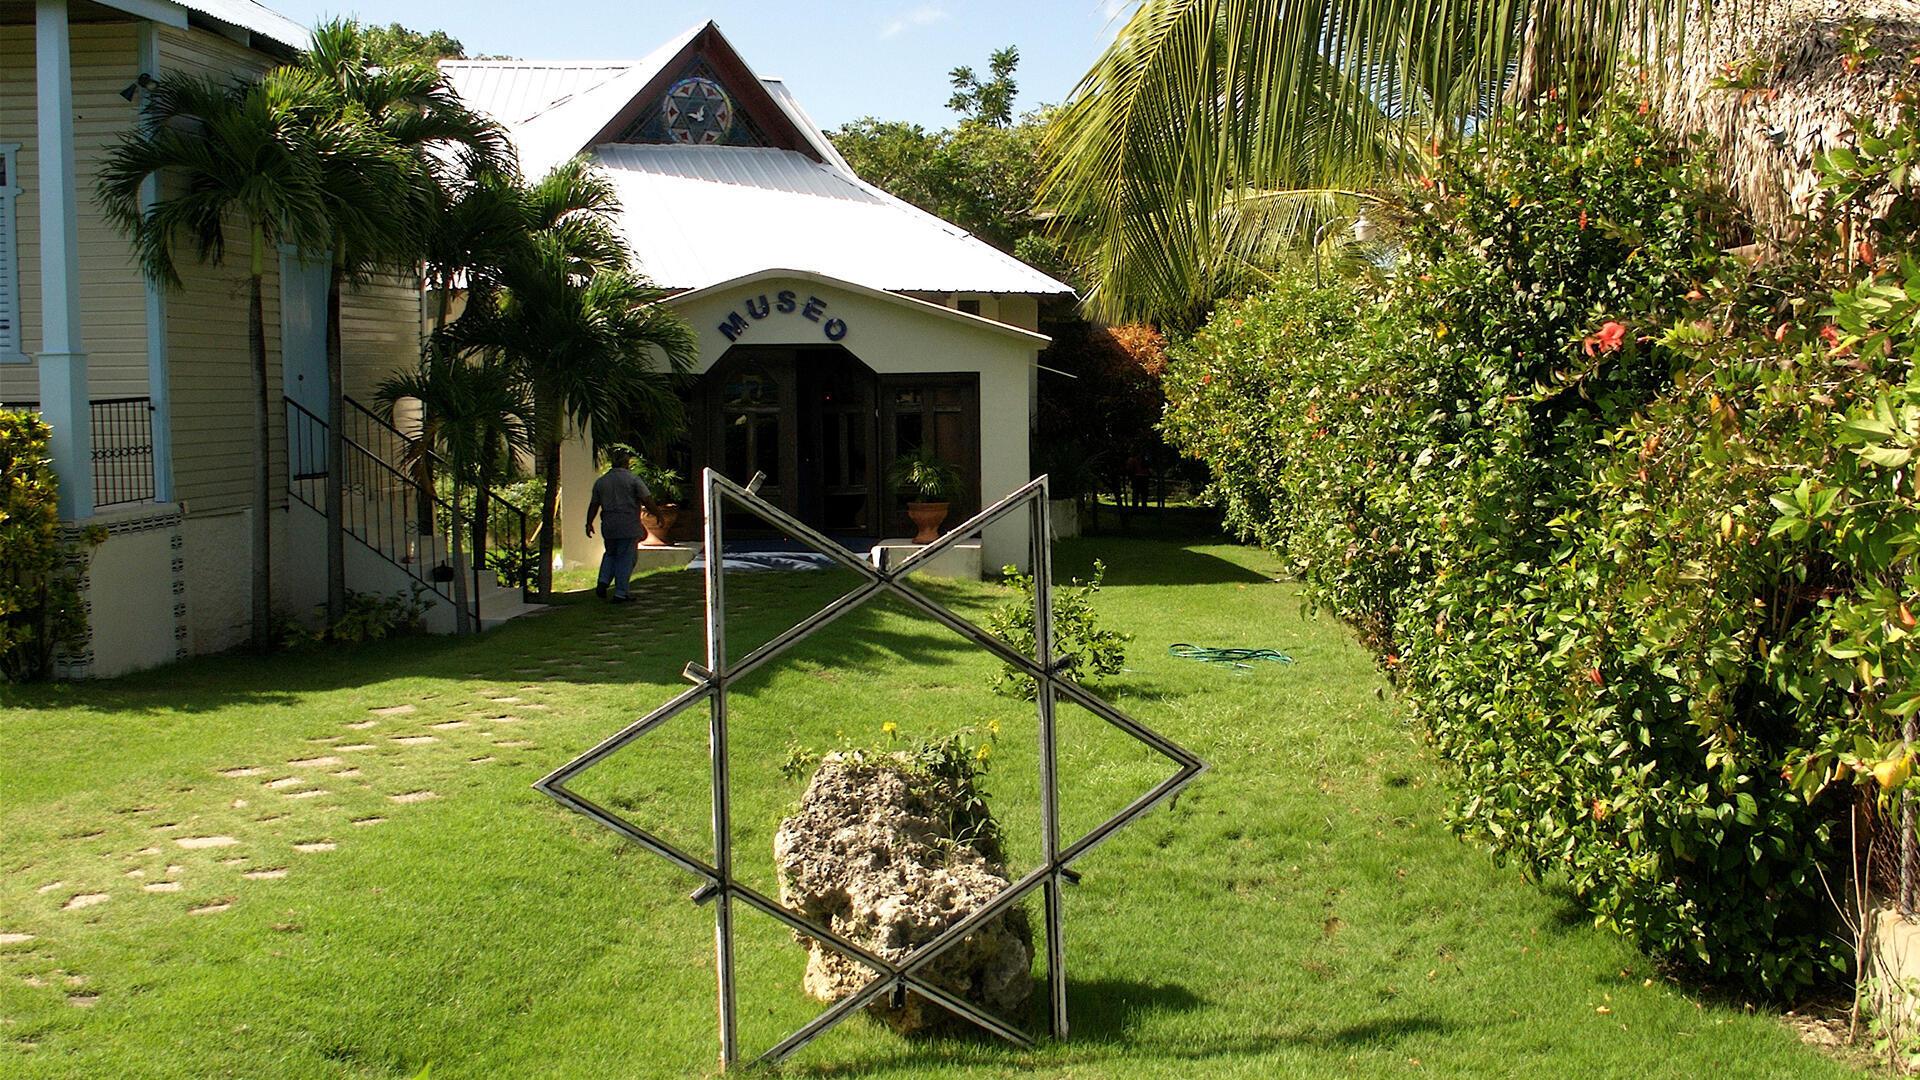 REPUBLIQUE DOMINICAINE - SAINT DOMINGUE - Photo de Une - Si Loin si proche 18 juillet 2021